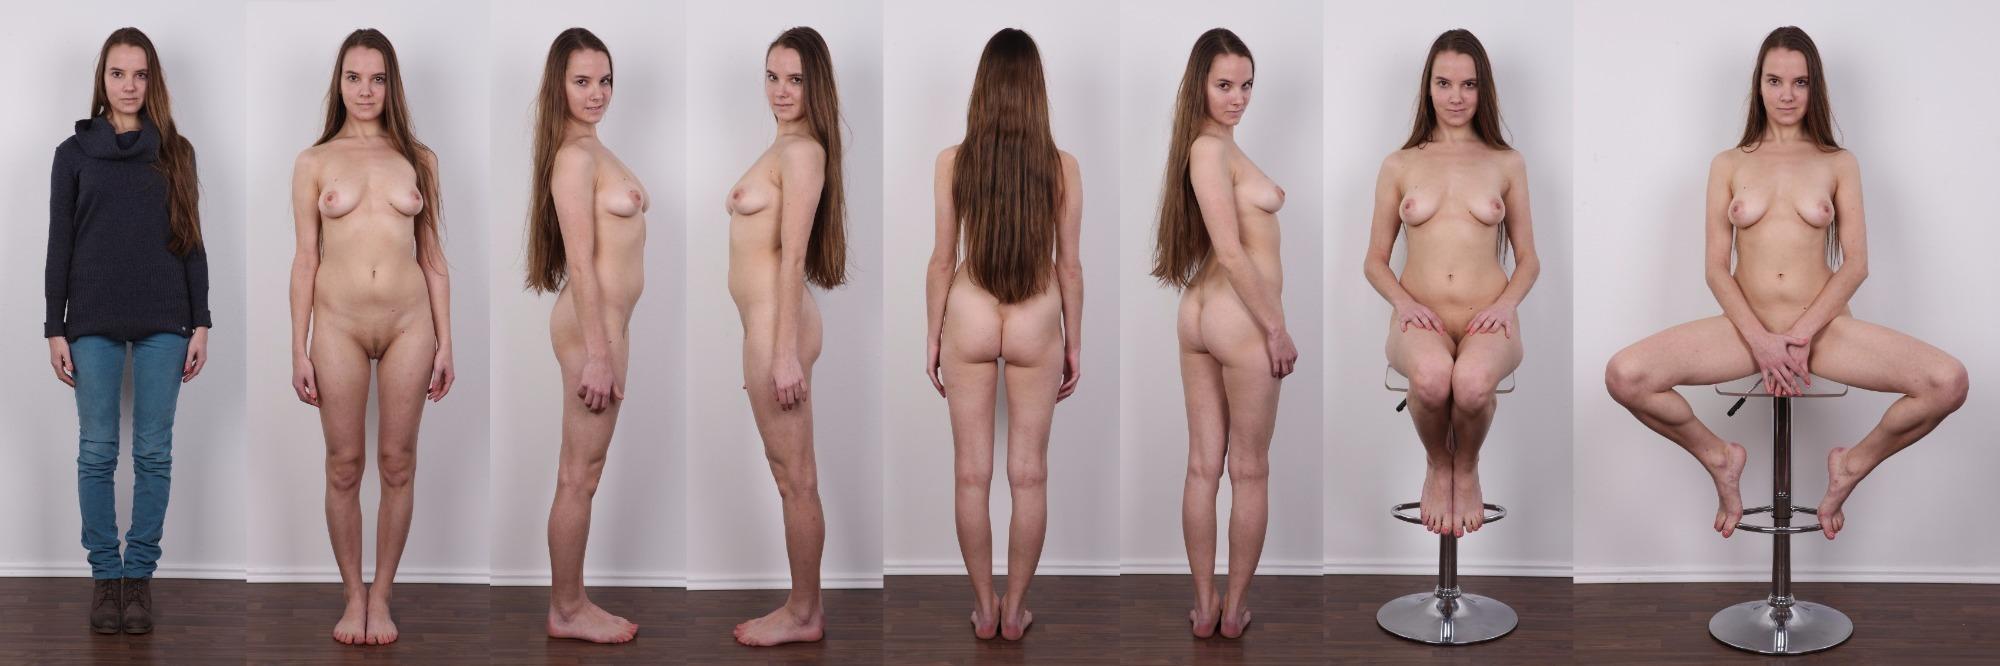 Кастинг русских девушек эротика онлайн, смотреть порно фильм в hd с ивана сугар